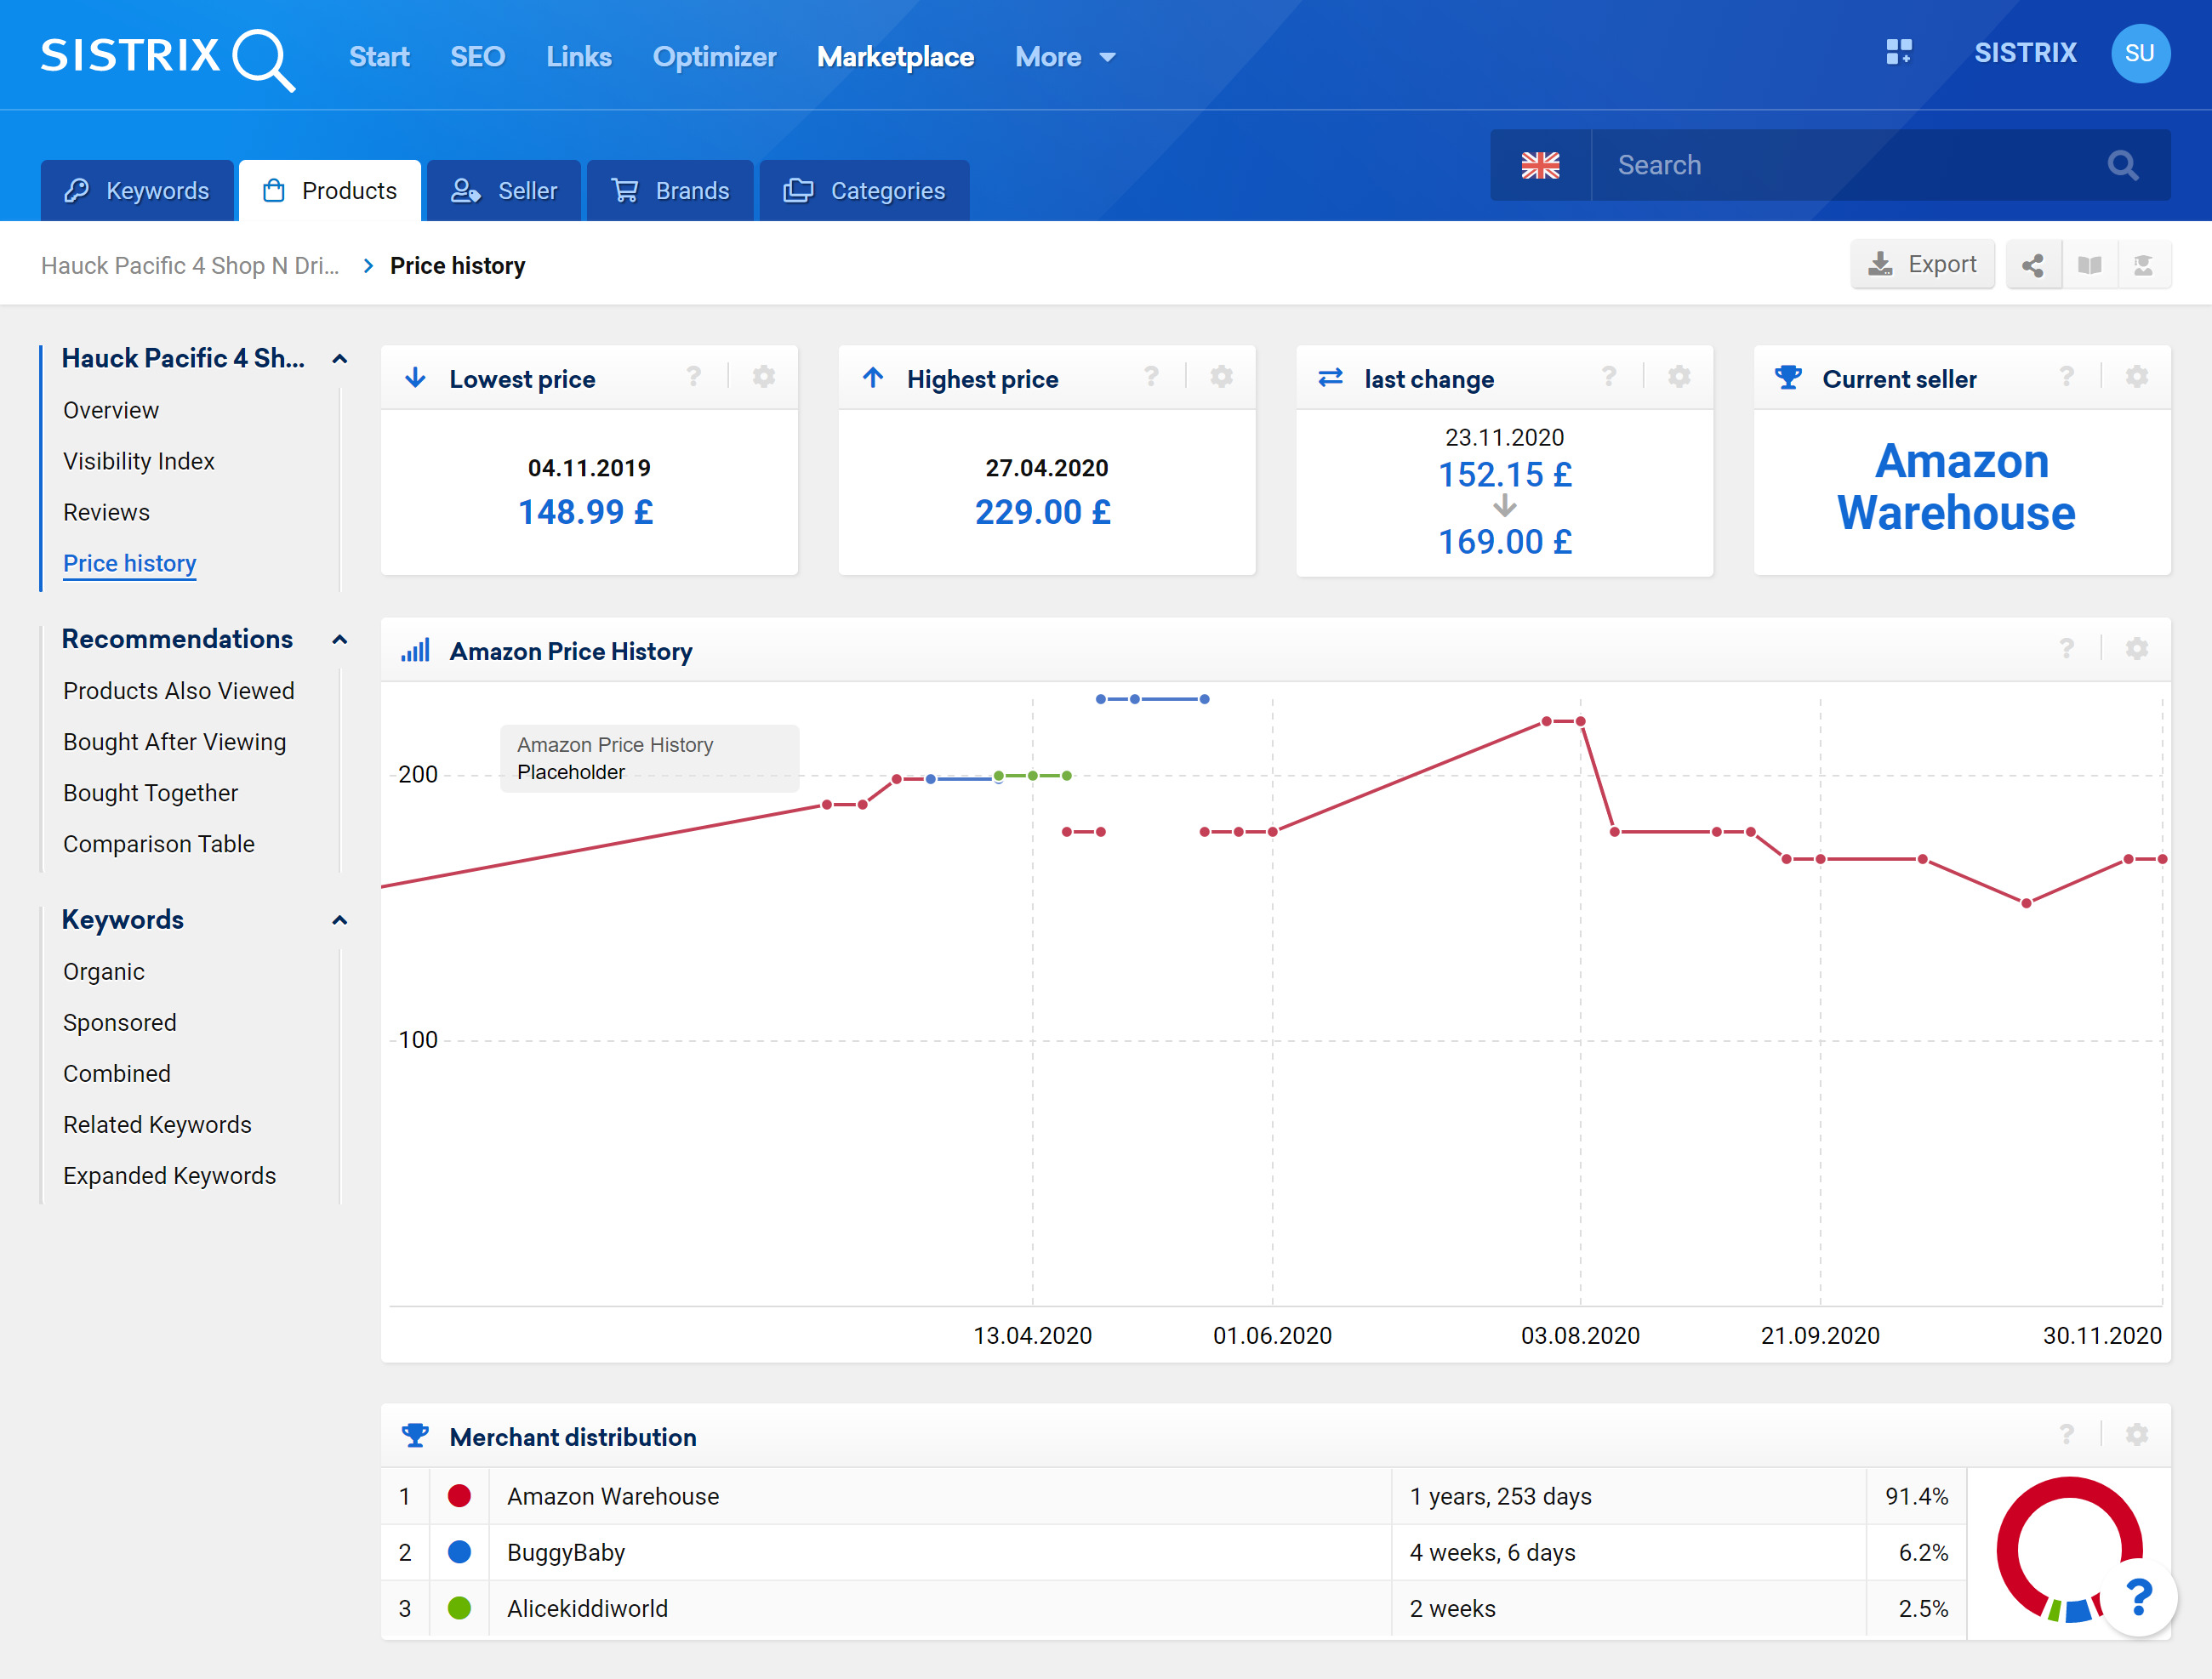 Amazon price history data